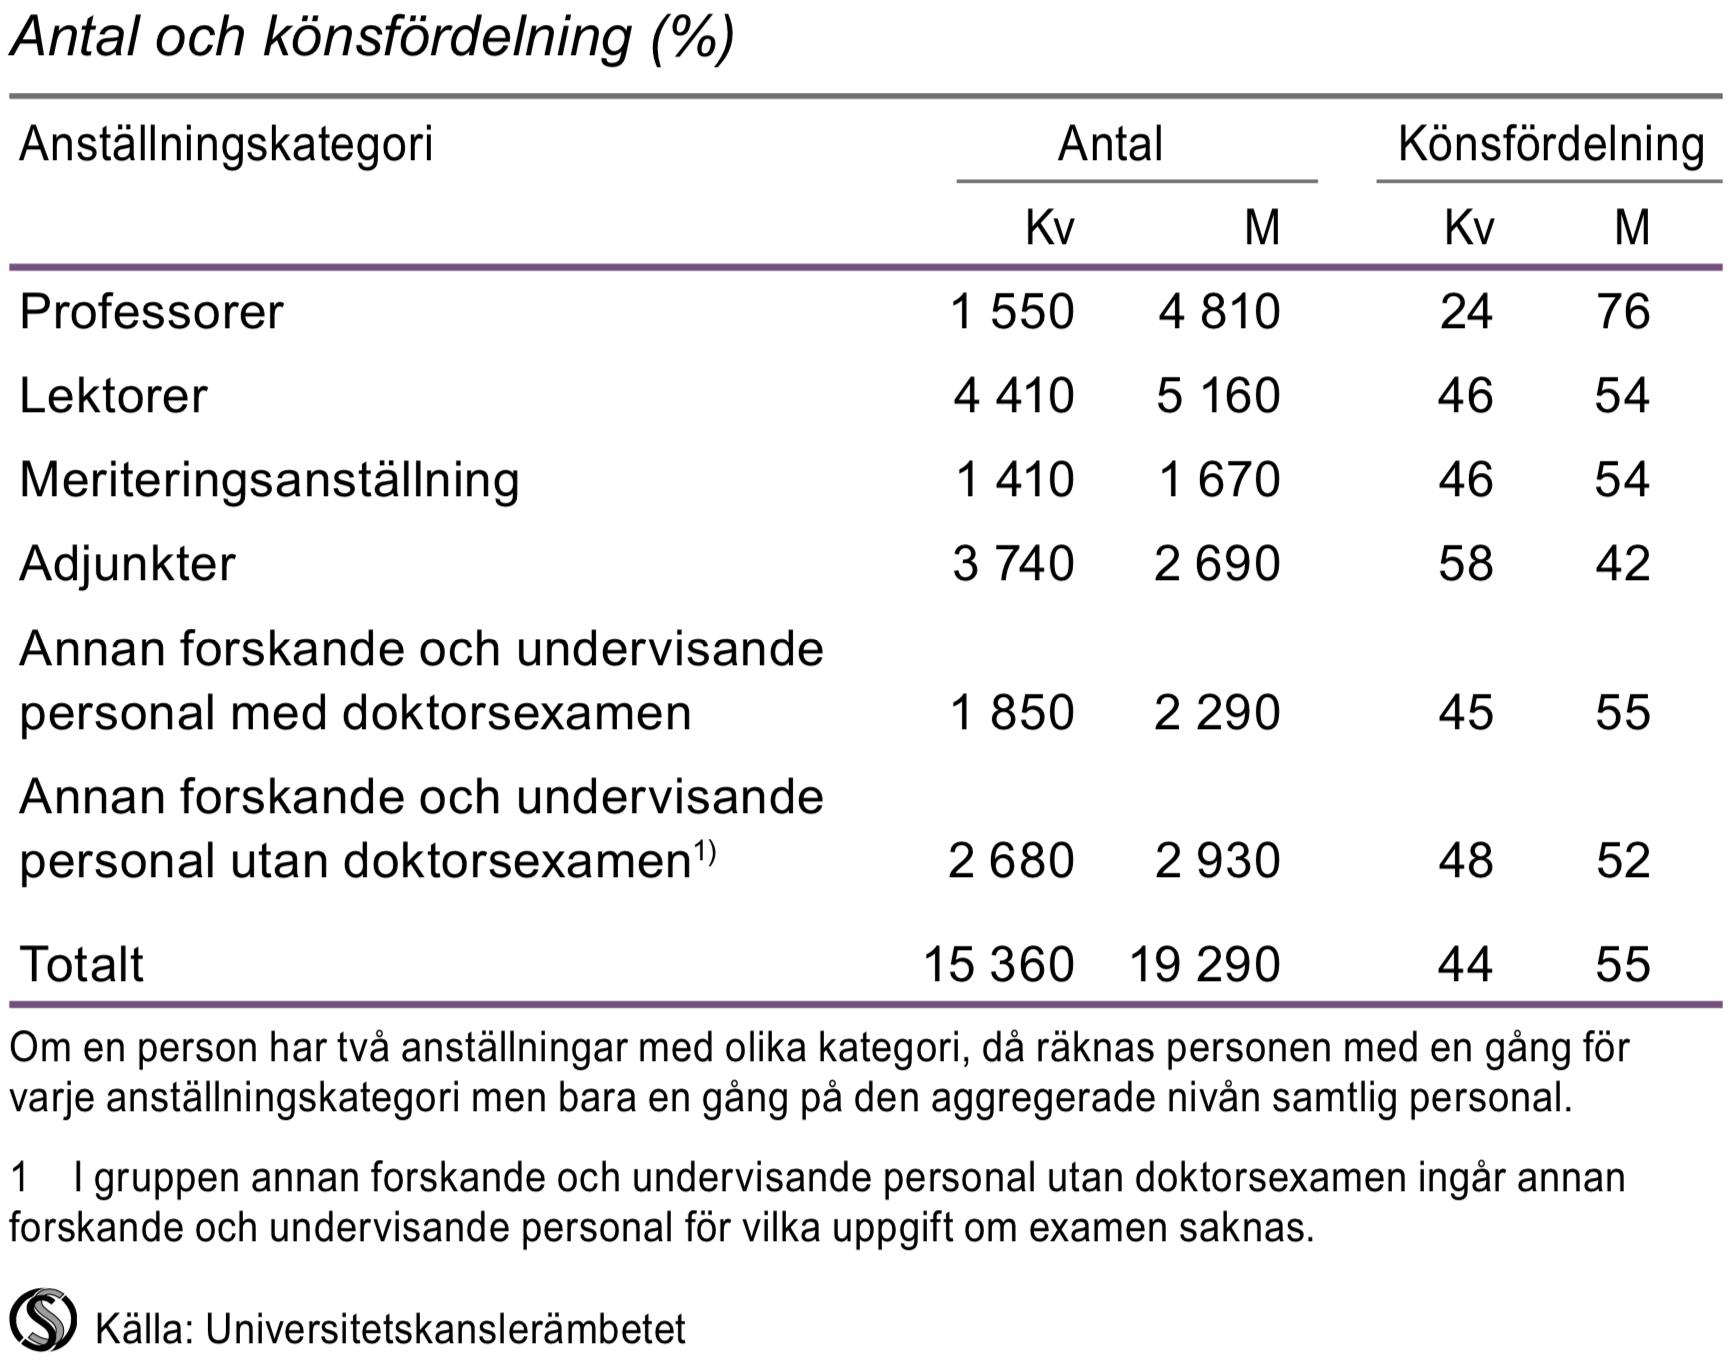 Undervisande och forskande personal efter anställningskategori 2014